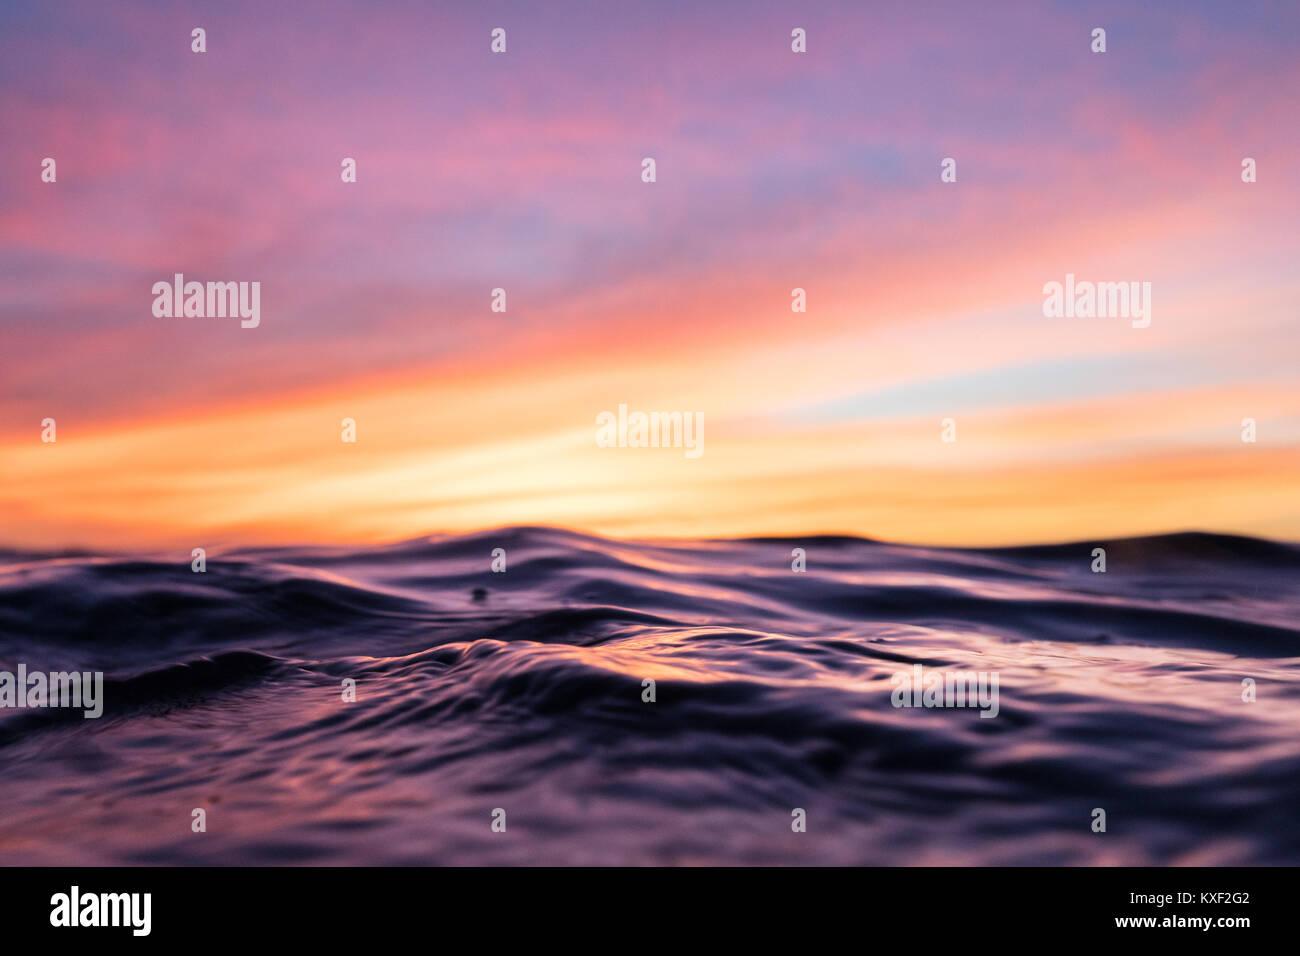 Las ondulaciones se extienden a lo largo de la superficie del océano ...